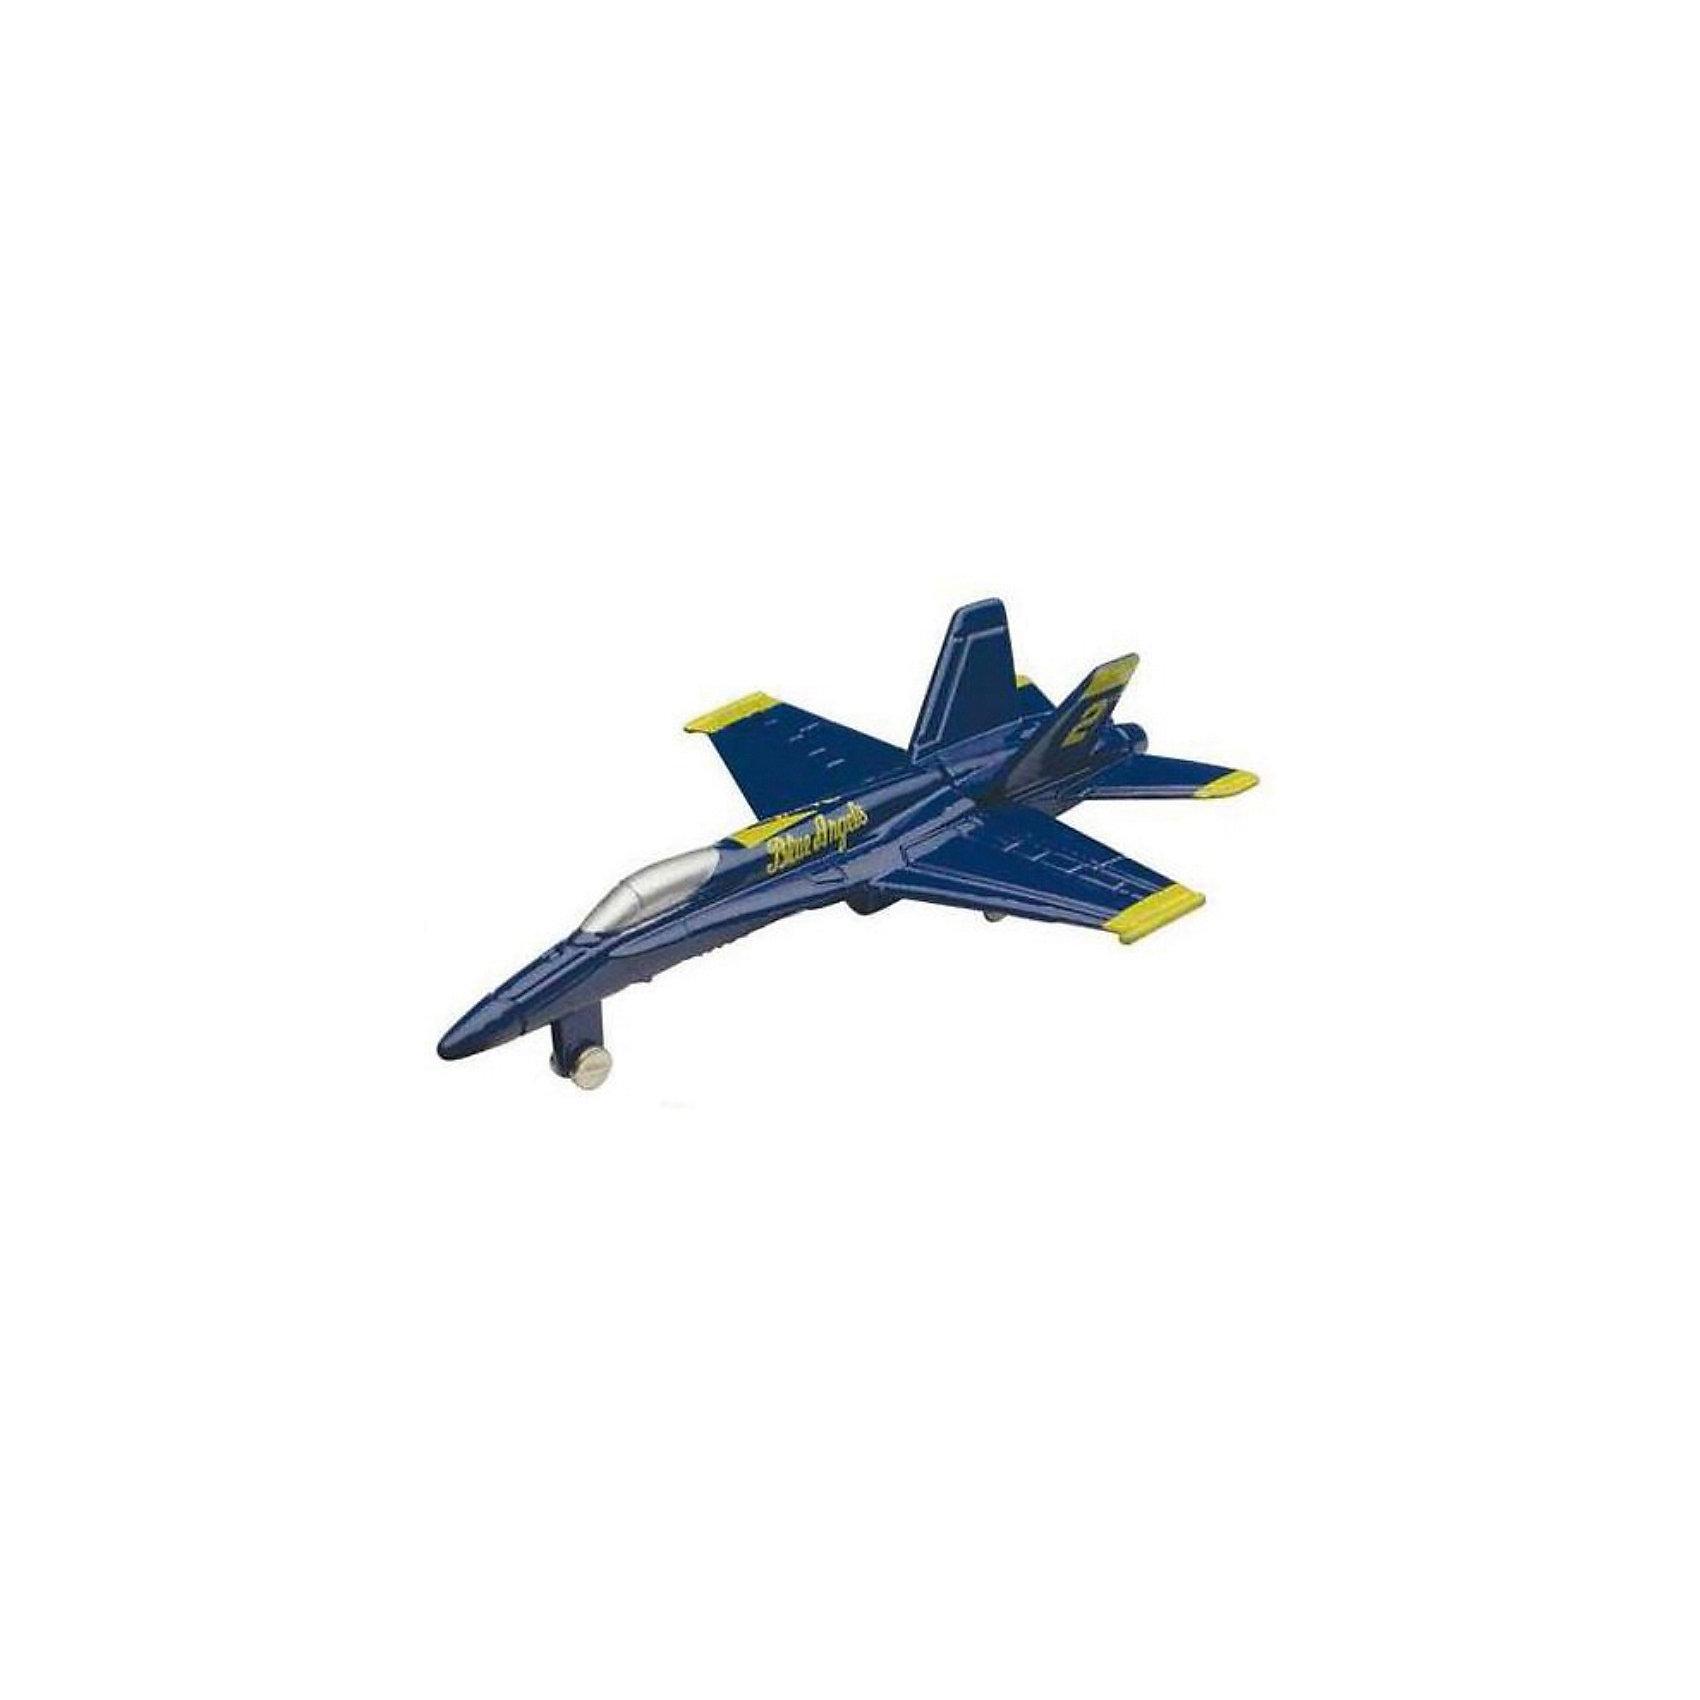 Самолет F/A-18 Hornet,  MotormaxСамолет F/A-18 Hornet,  Motormax (Мотормакс) – это отличное пополнение коллекции авиационной техники.<br>Коллекционная игрушка самолет F/A-18 Hornet (Хорнет) от компании Motormax (Мотормакс) в точности повторяет контуры американского палубного истребителя-бомбардировщика и штурмовика, чем вызовет неподдельный интерес, как у ребенка, так и взрослого коллекционера. Модель максимально приближена к своему прототипу. По сути это уменьшенная копия настоящего самолета, сохранившая его пропорции и узнаваемые элементы. Стоит также отметить хорошую для таких размеров детализацию. Модель самолета изготовлена из прочного и качественного пластика, поэтому может использоваться и для обычной игры.<br><br>Дополнительная информация:<br><br>- Длина самолета: 9 см.<br>- Материал: пластик<br><br>Самолет F/A-18 Hornet,  Motormax (Мотормакс) можно купить в нашем интернет-магазине.<br><br>Ширина мм: 127<br>Глубина мм: 30<br>Высота мм: 178<br>Вес г: 80<br>Возраст от месяцев: 36<br>Возраст до месяцев: 168<br>Пол: Мужской<br>Возраст: Детский<br>SKU: 3839009